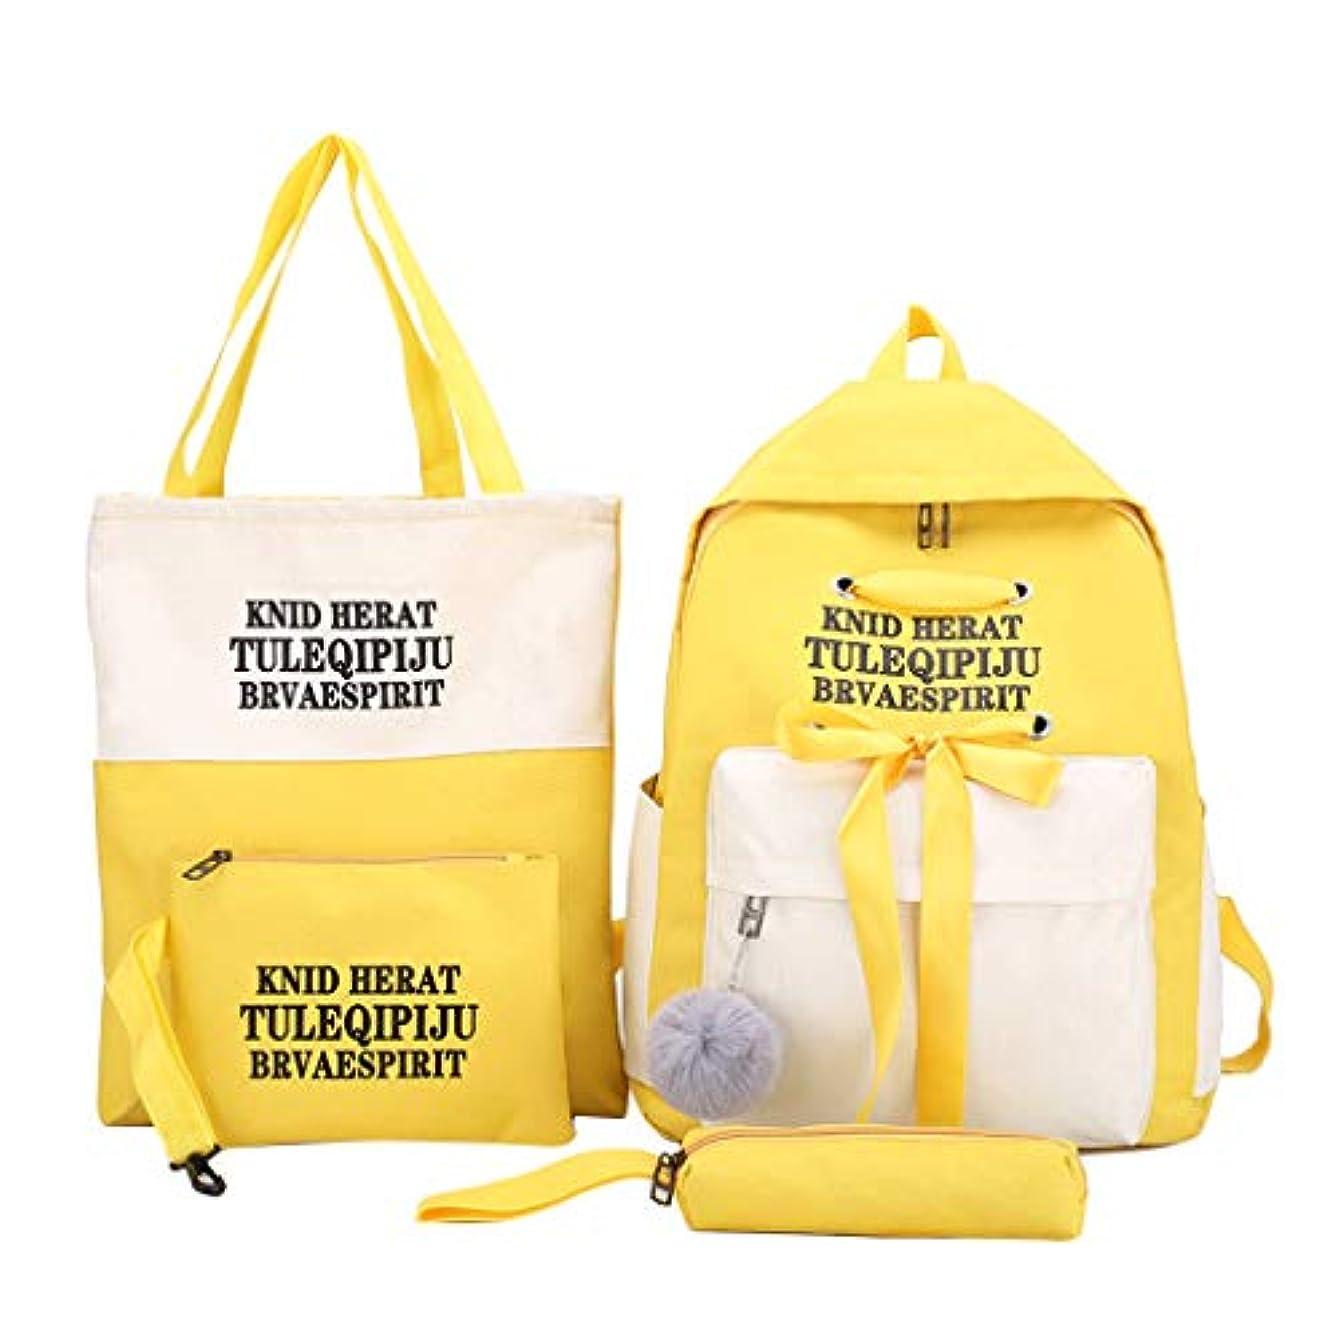 感謝するを必要としています式リュックハンドバッグペンボックス組み合わせかわいい印刷リュック愛い 防水 軽量 女性 おしゃれ 旅行 バックパック 通学 通勤 リュック遠足 出張 動物柄 花柄 リュック